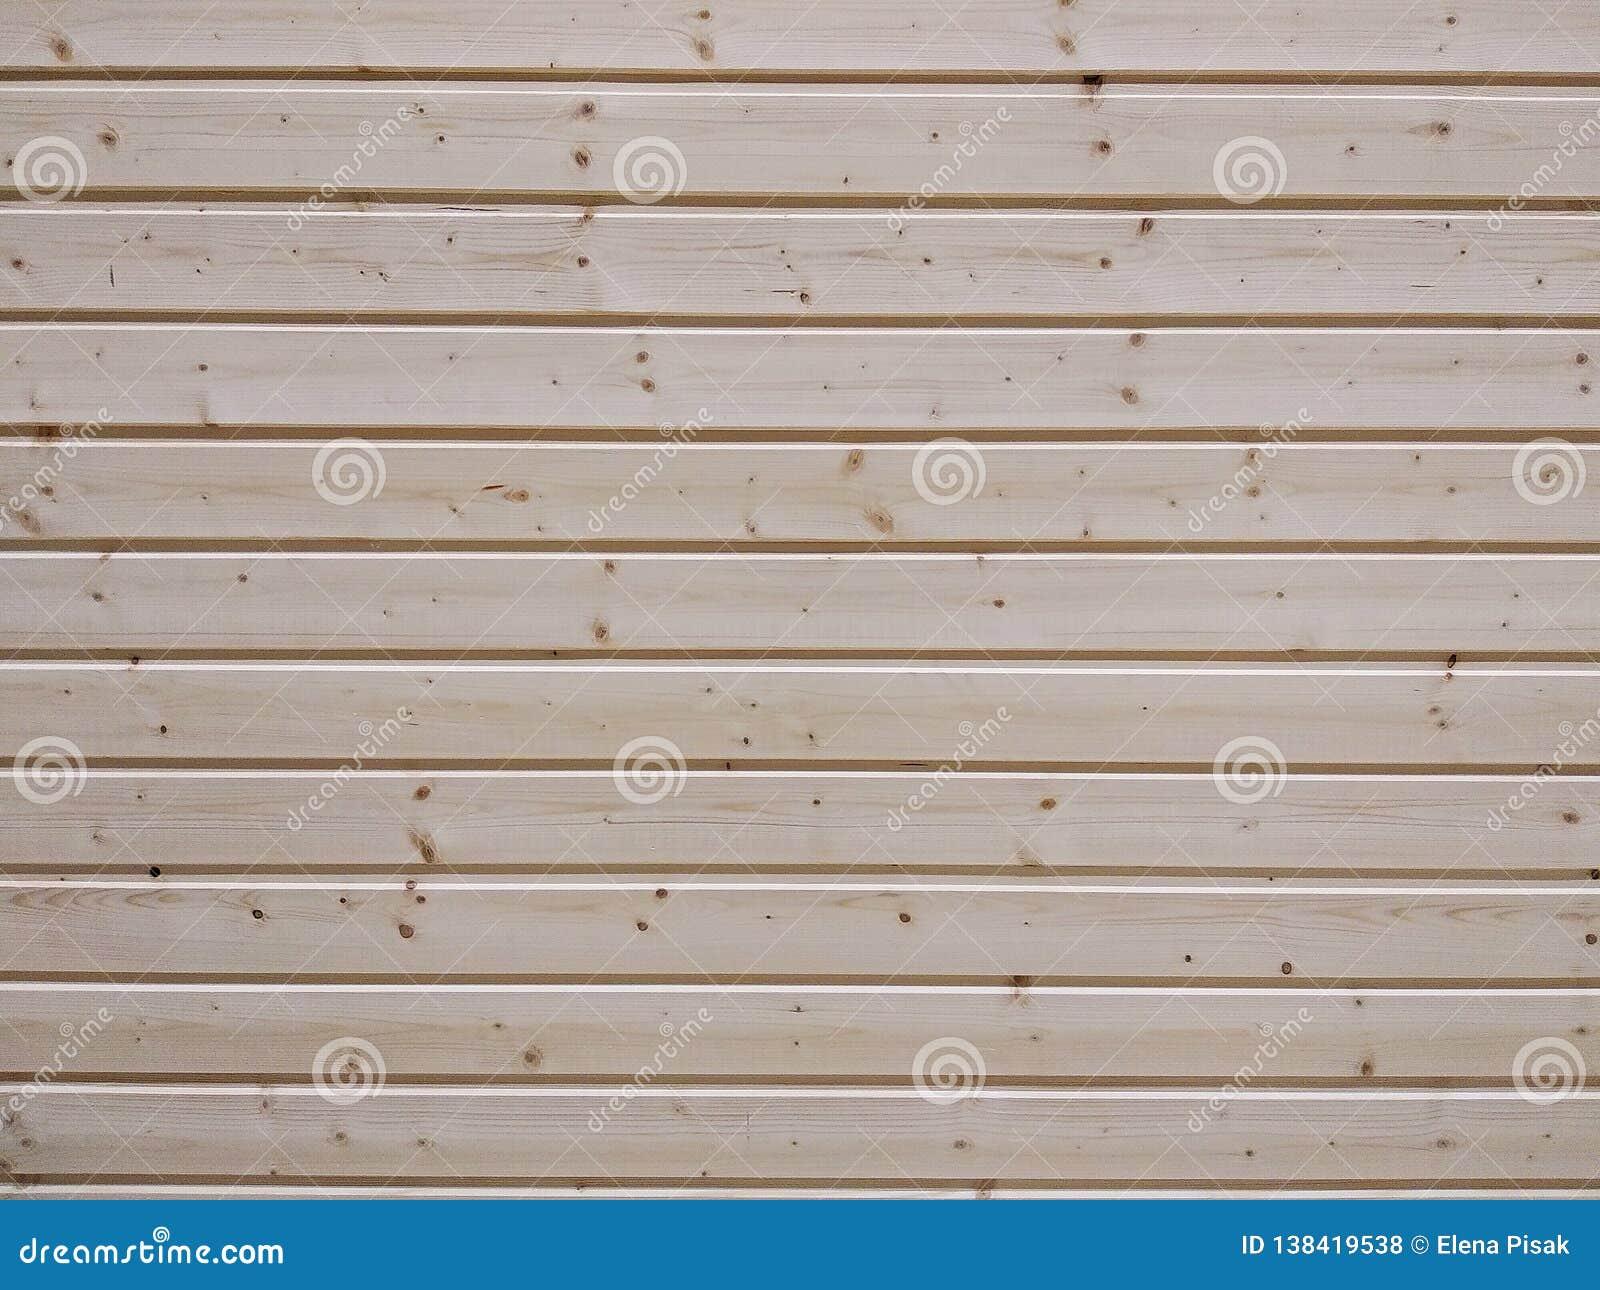 Wall of wooden beams, texture close-up